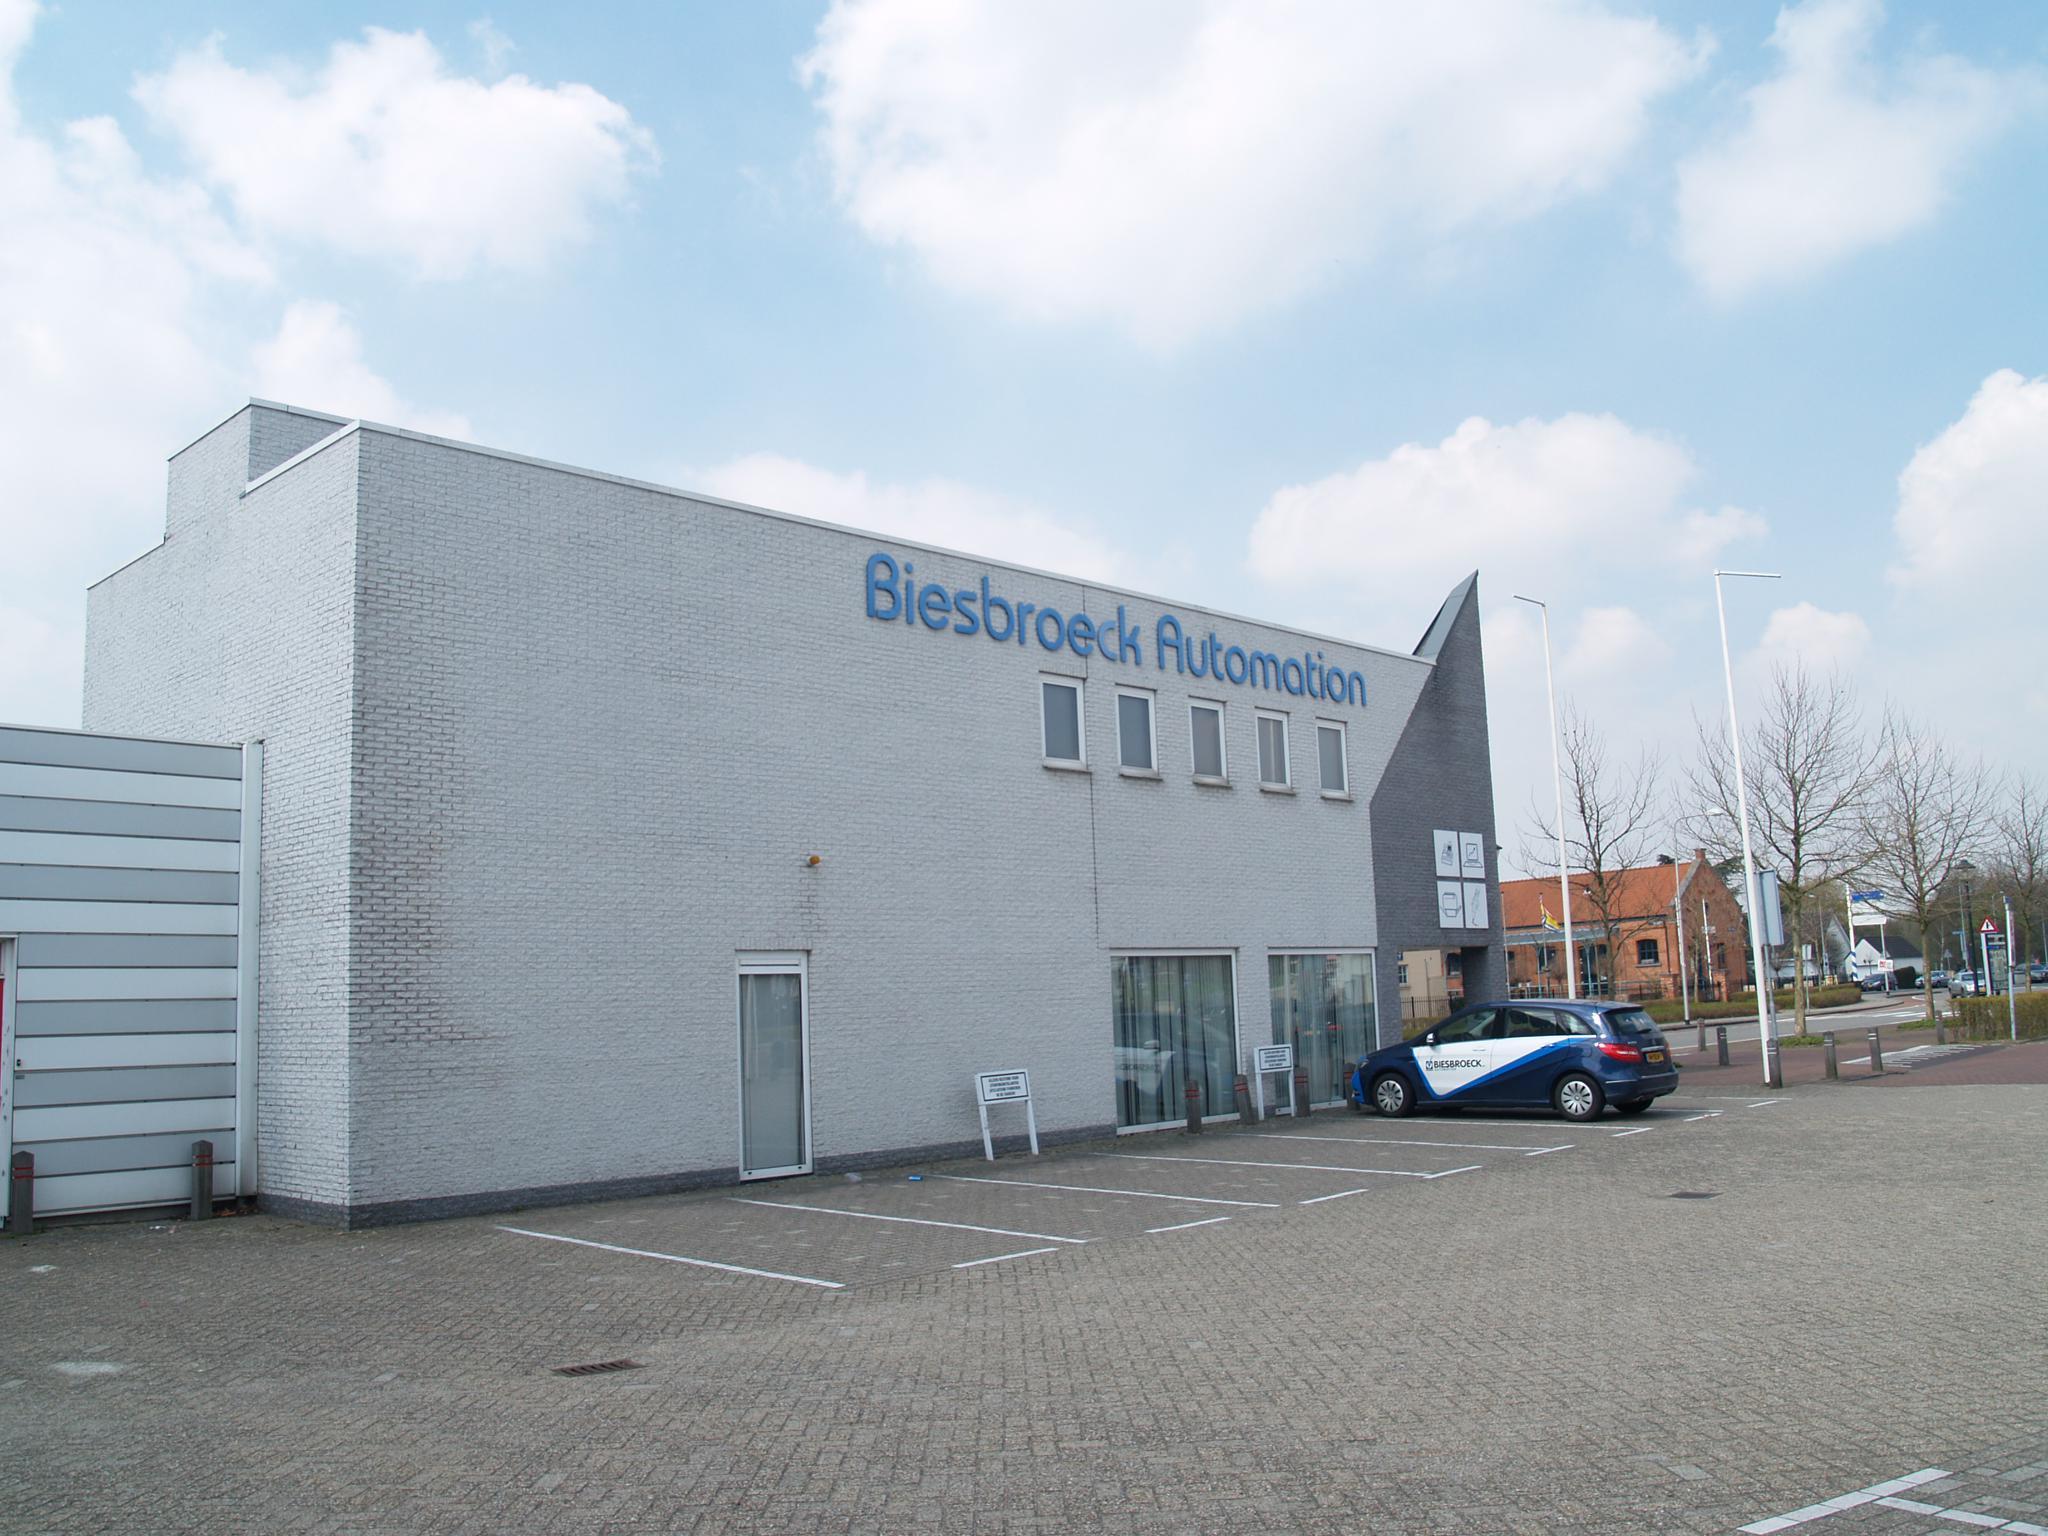 Kantoor Huren Amsterdam : Kantoor huren amsterdam bedrijfsruimte of kantoor huren in